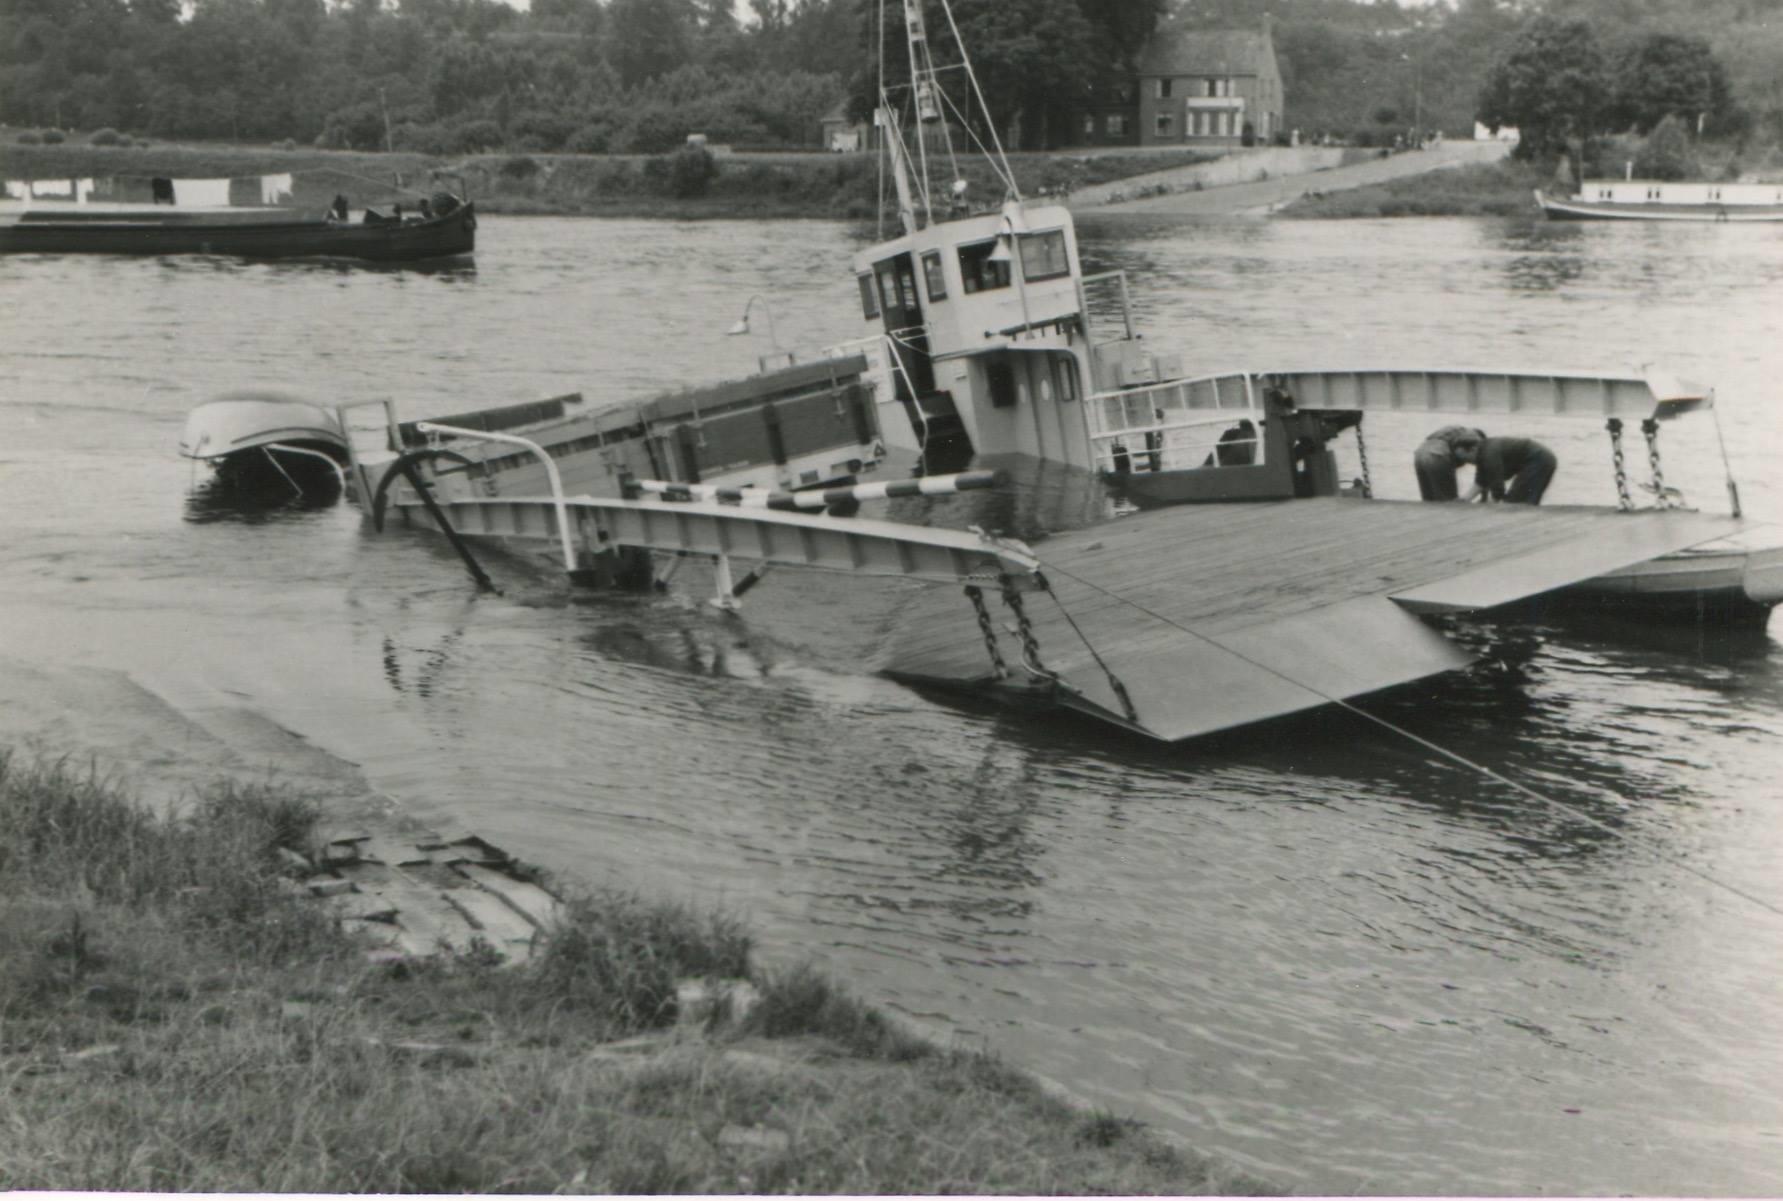 Schade--1957-foto--gemaakt-door-Jac--Rauws--ingezonden-door-Willem-Ruisch--Veerpont--Lexkesveer-Eageningen-Randwijk--1hade-